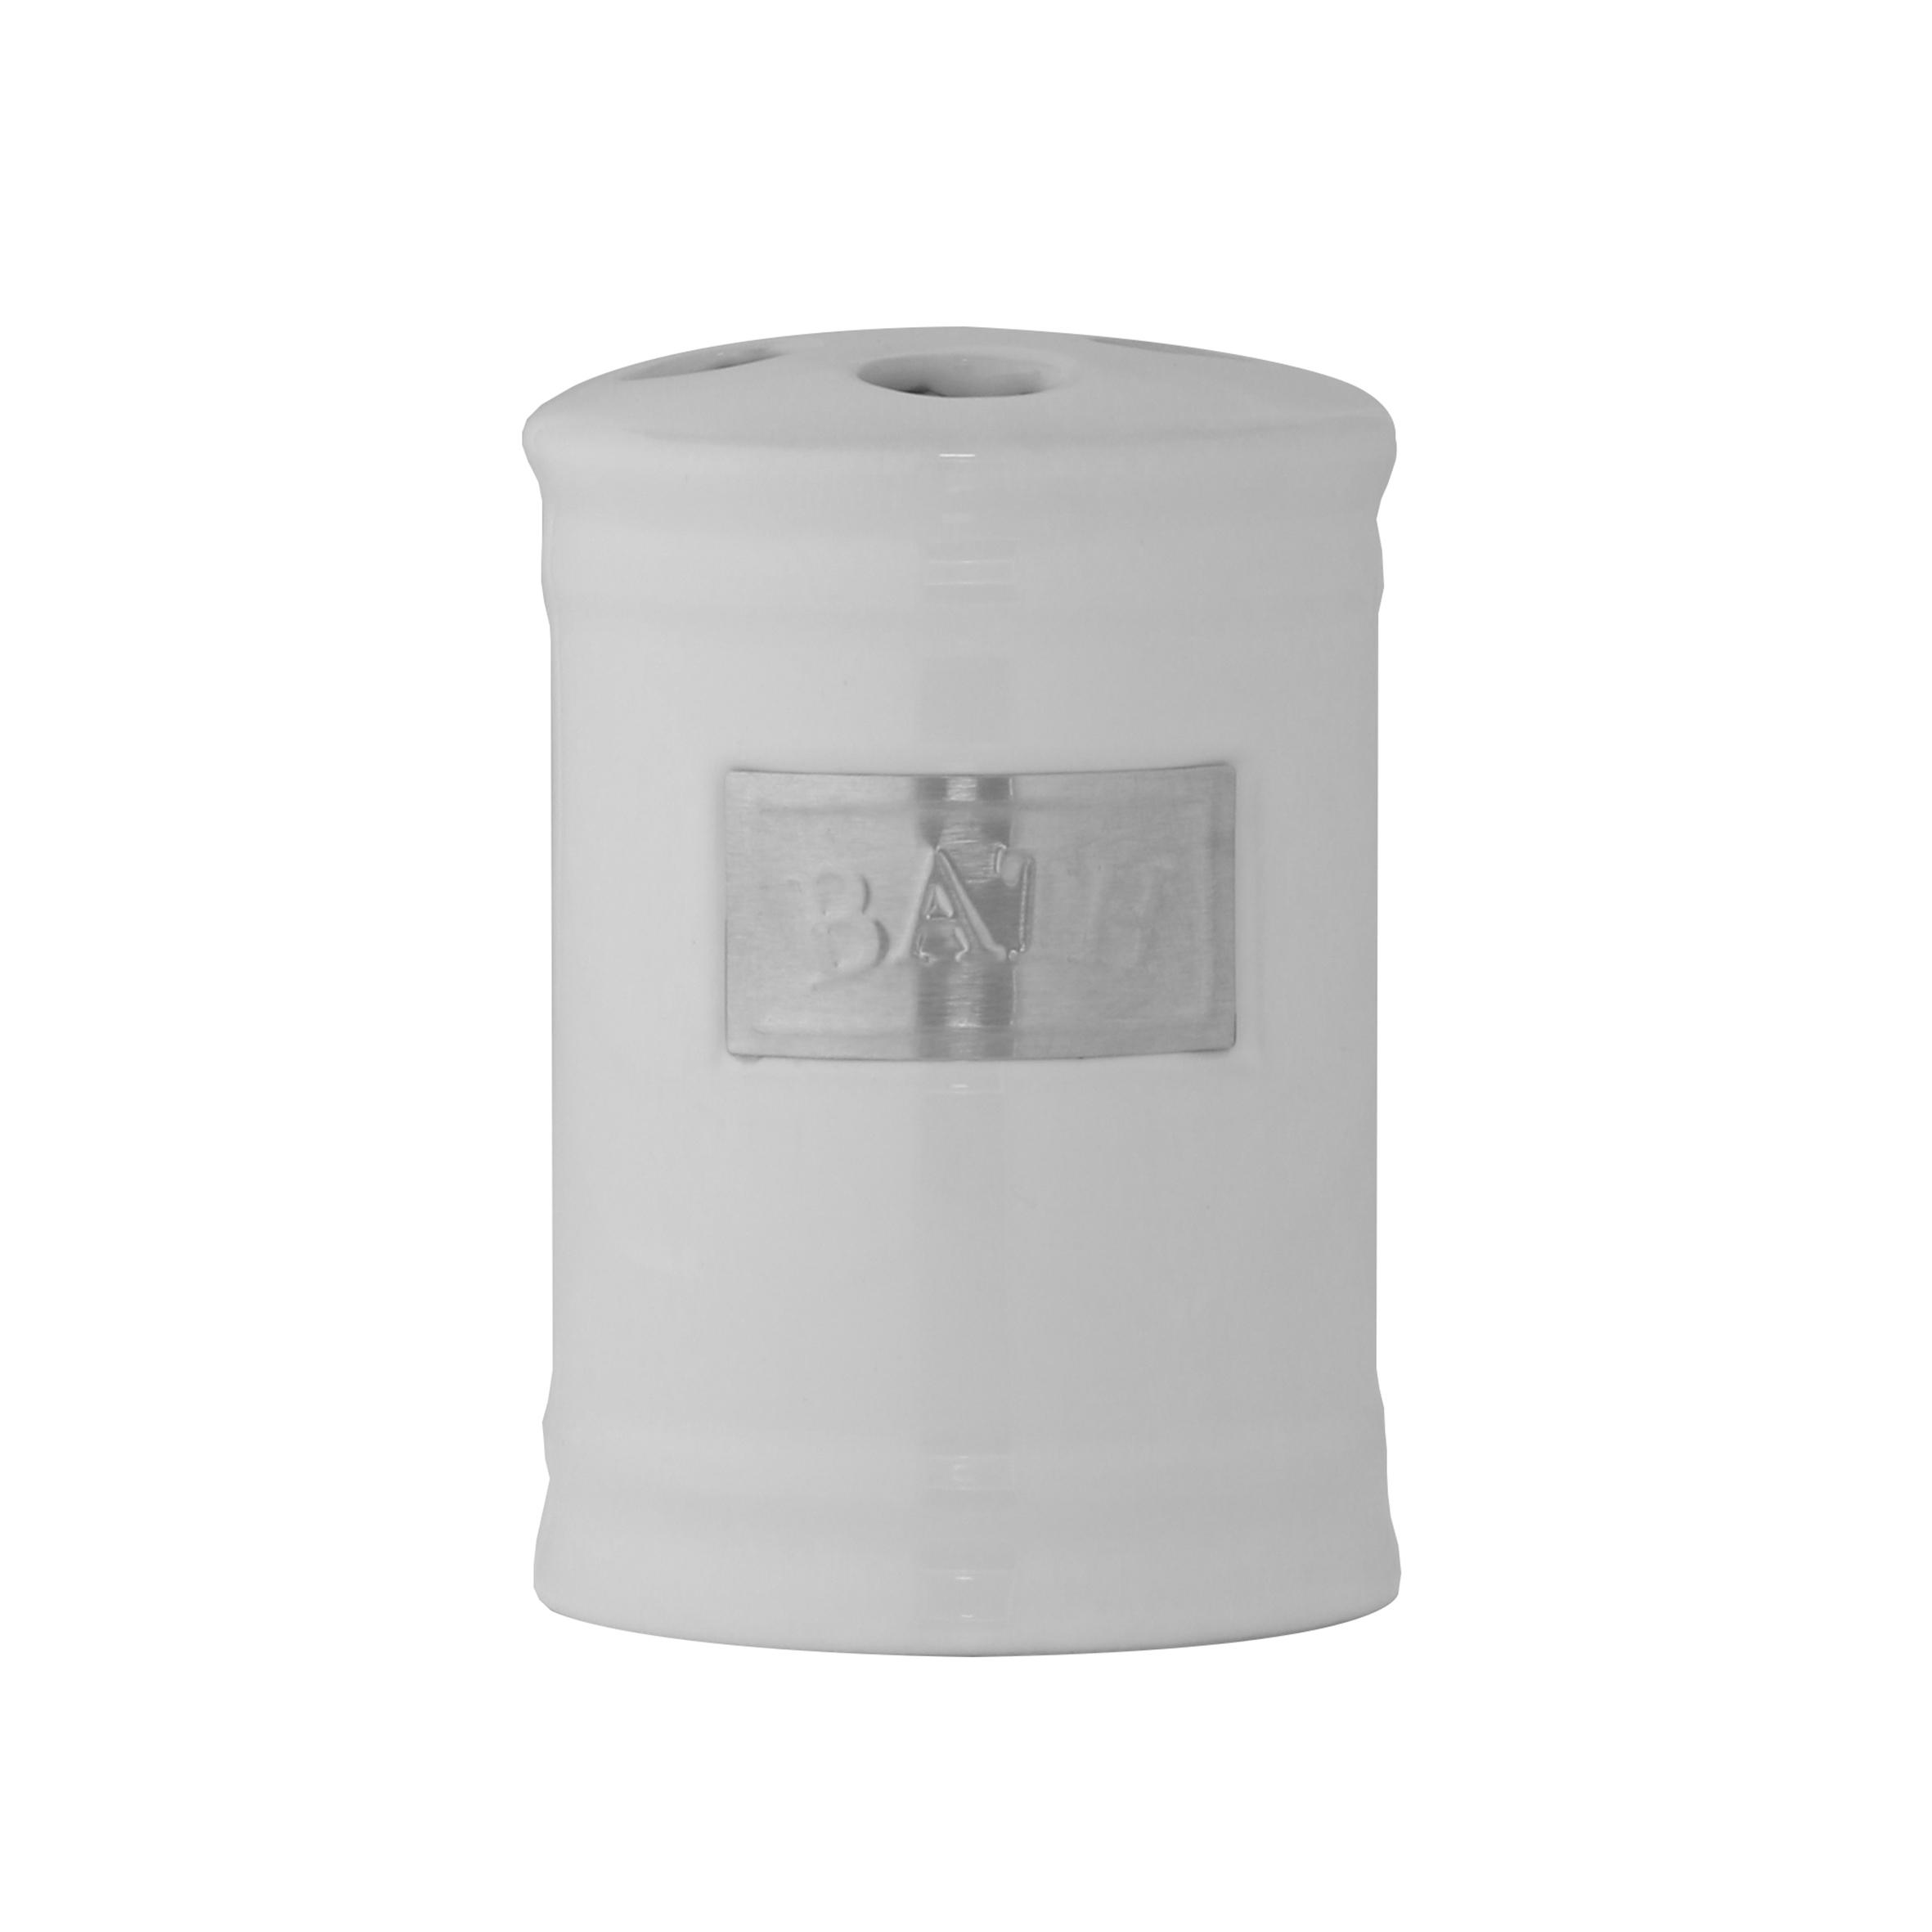 Стакан для зубных щеток Axentia Lyon122425Стакан для зубных щеток Axentia Lyon выполнен из керамики с элементами из нержавеющей стали в античном стиле. Изделие превосходно дополнит интерьер ванной комнаты.